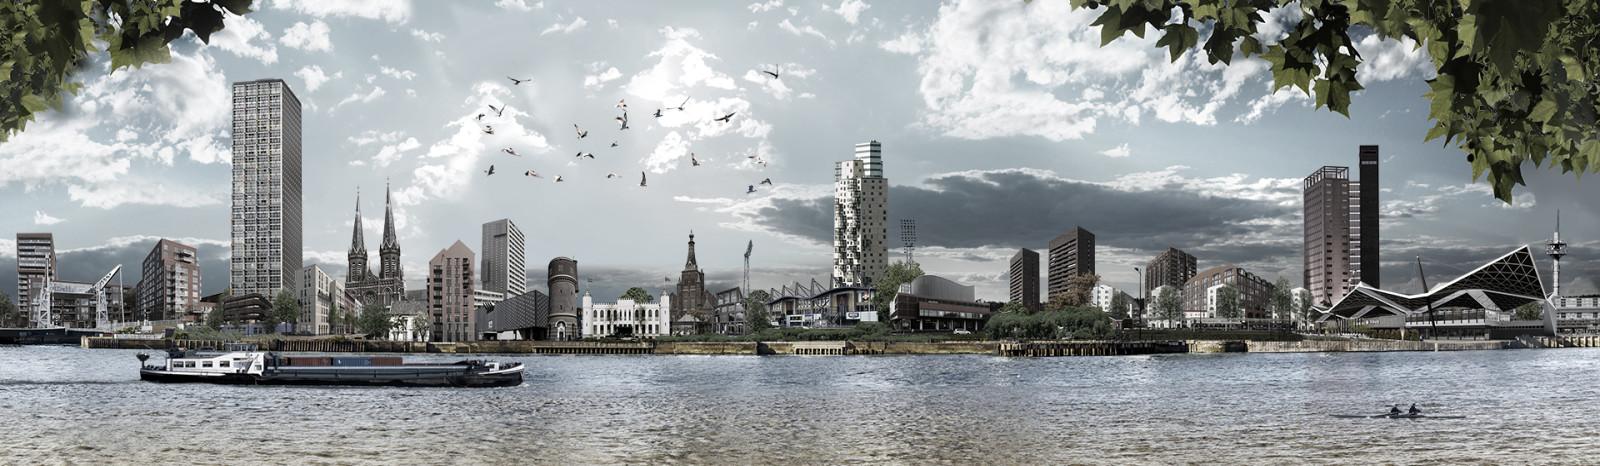 skyline Tilburg Spoorzone futuristisch urban